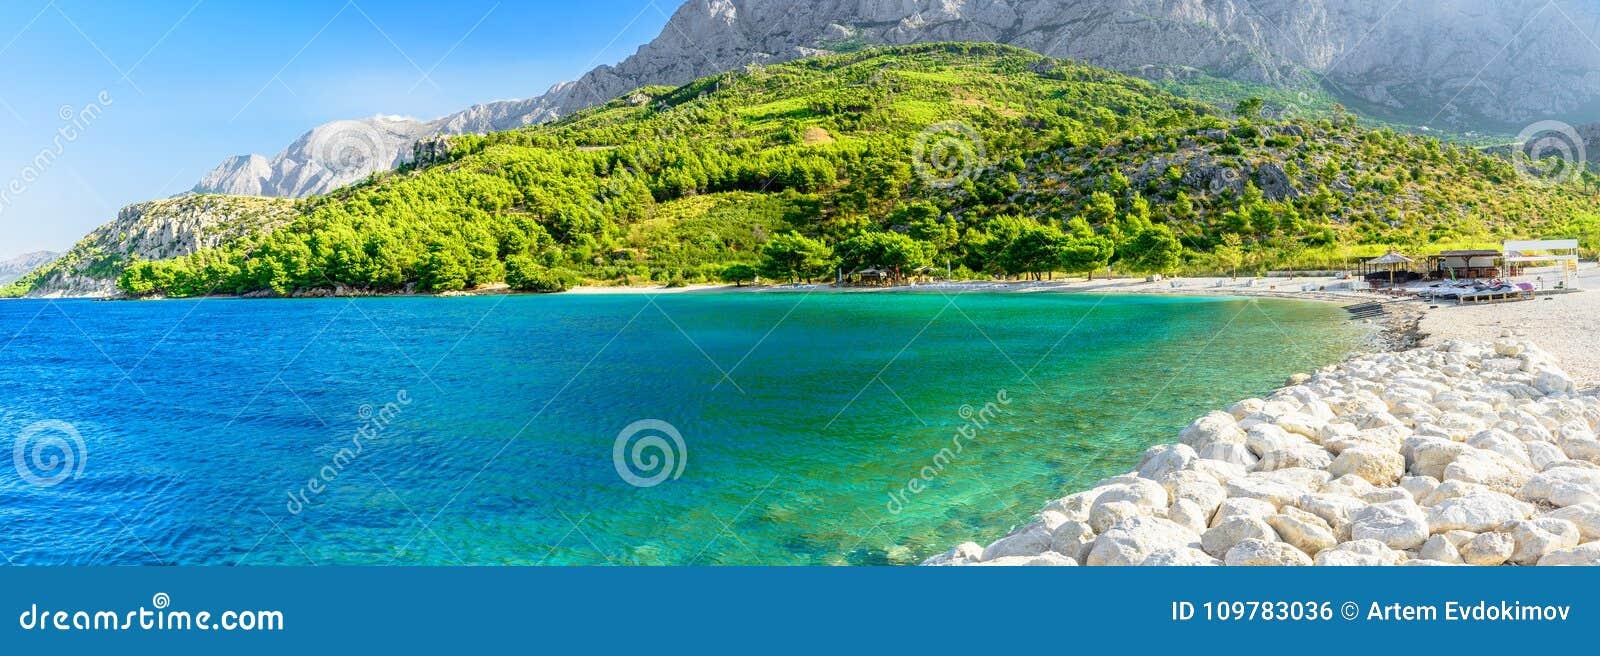 Piękny opróżnia plażę w Makarska, Chorwacja